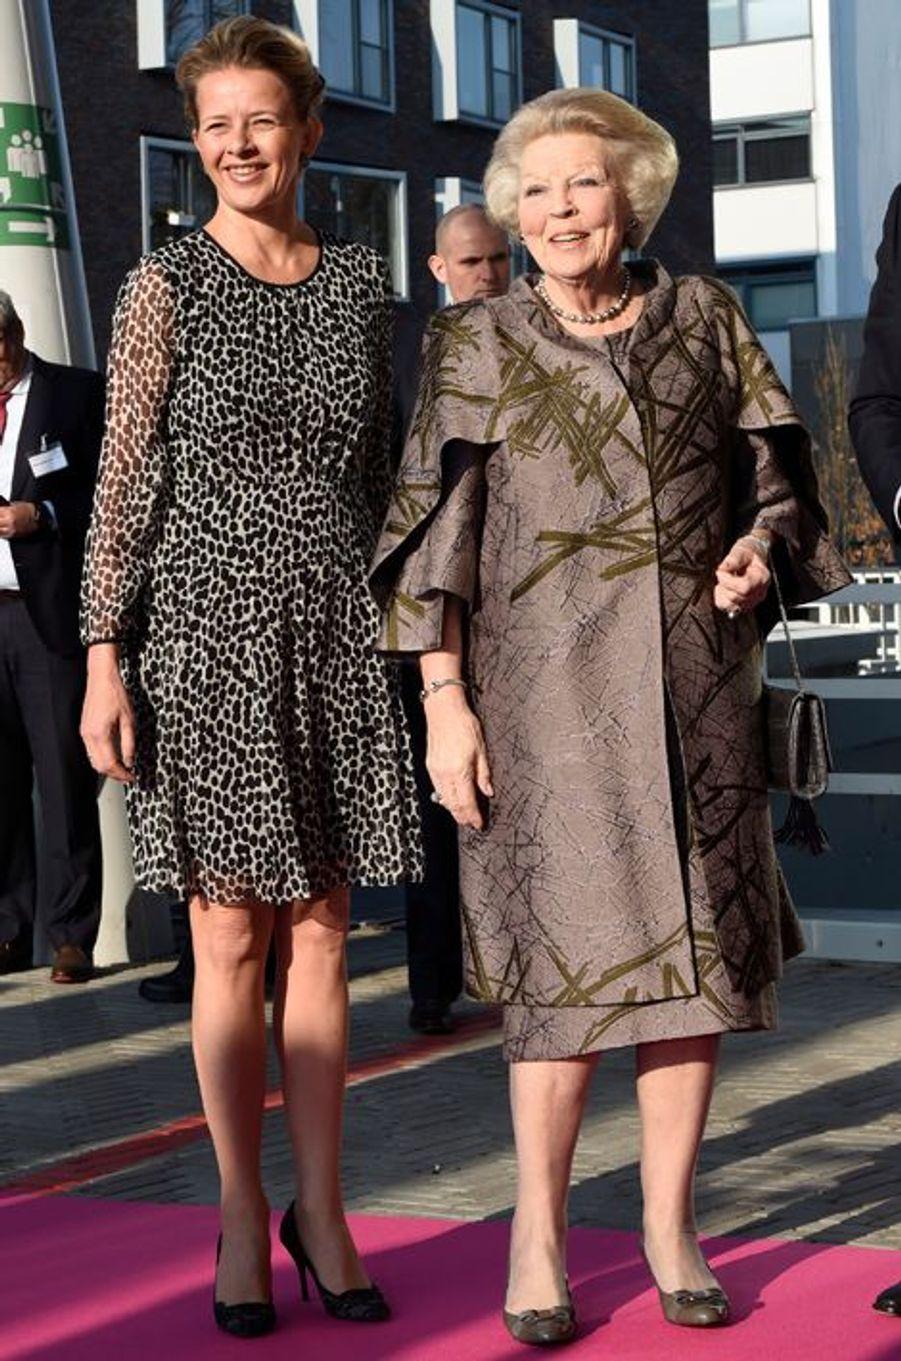 Les princesses Mabel et Beatrix des Pays-Bas à Delft, le 16 mars